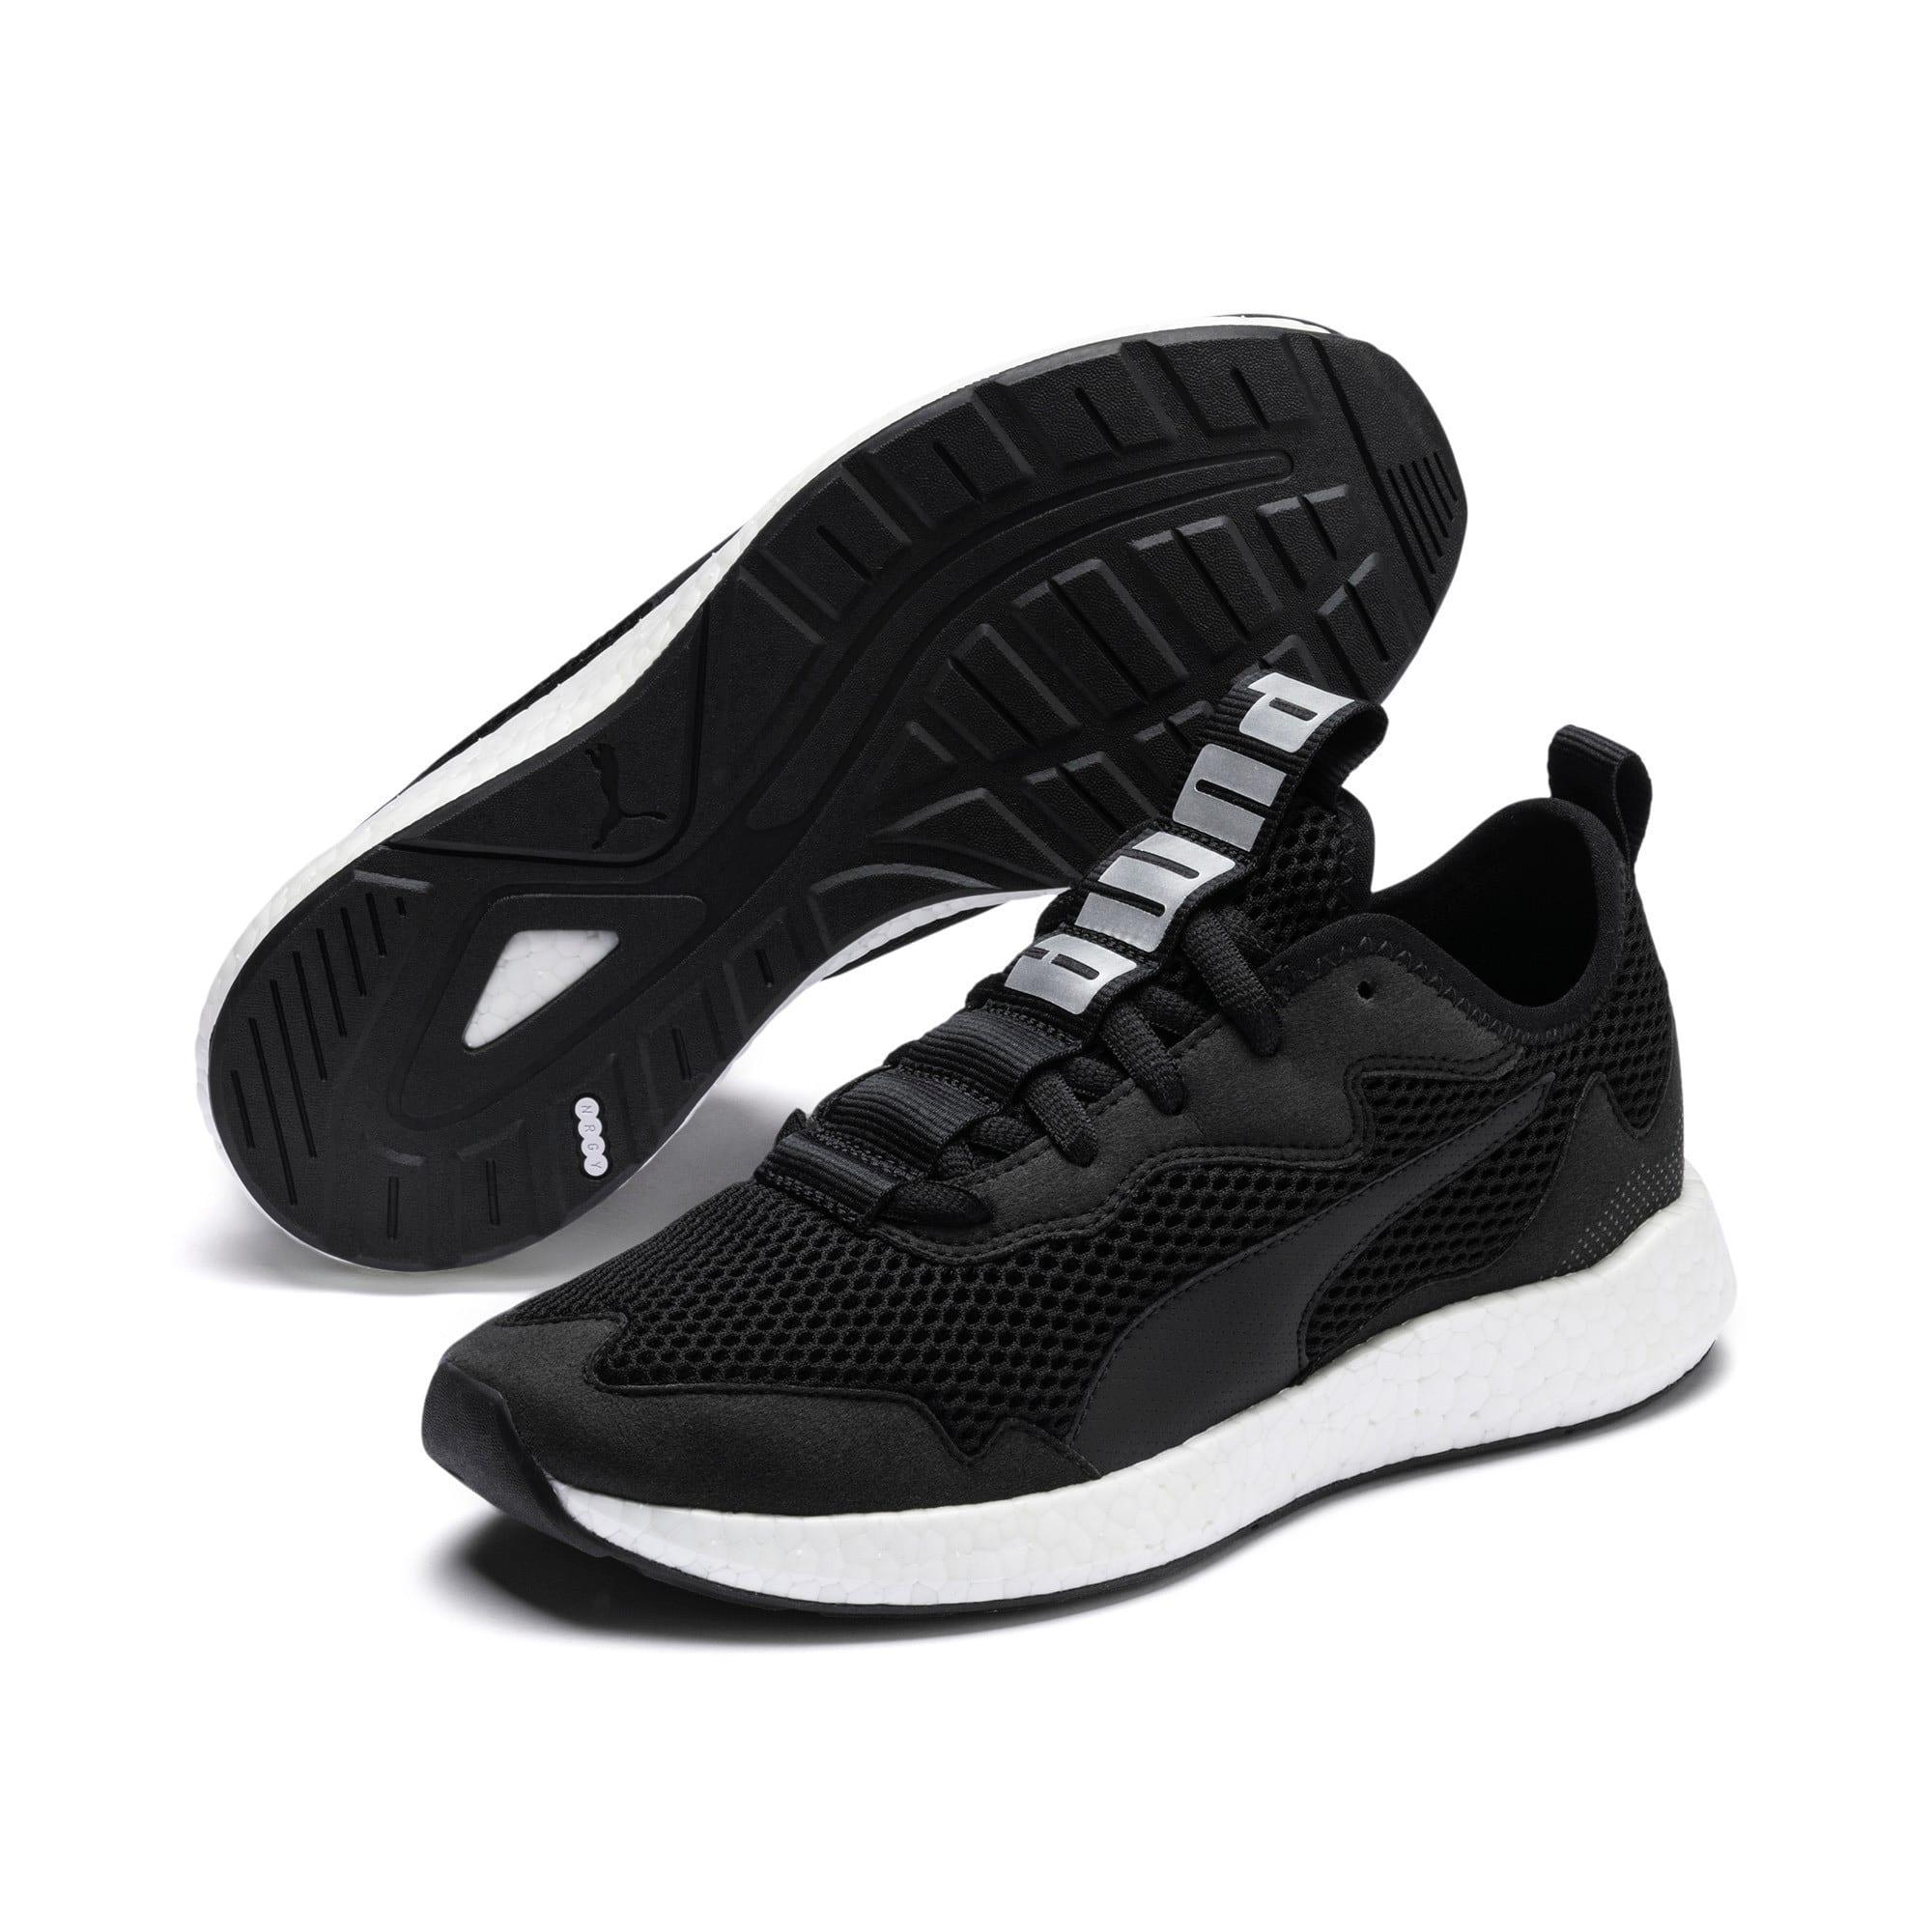 Miniatura 3 de Zapatos para correr NRGY Neko Skim para mujer, Puma Black-Puma Silver, mediano